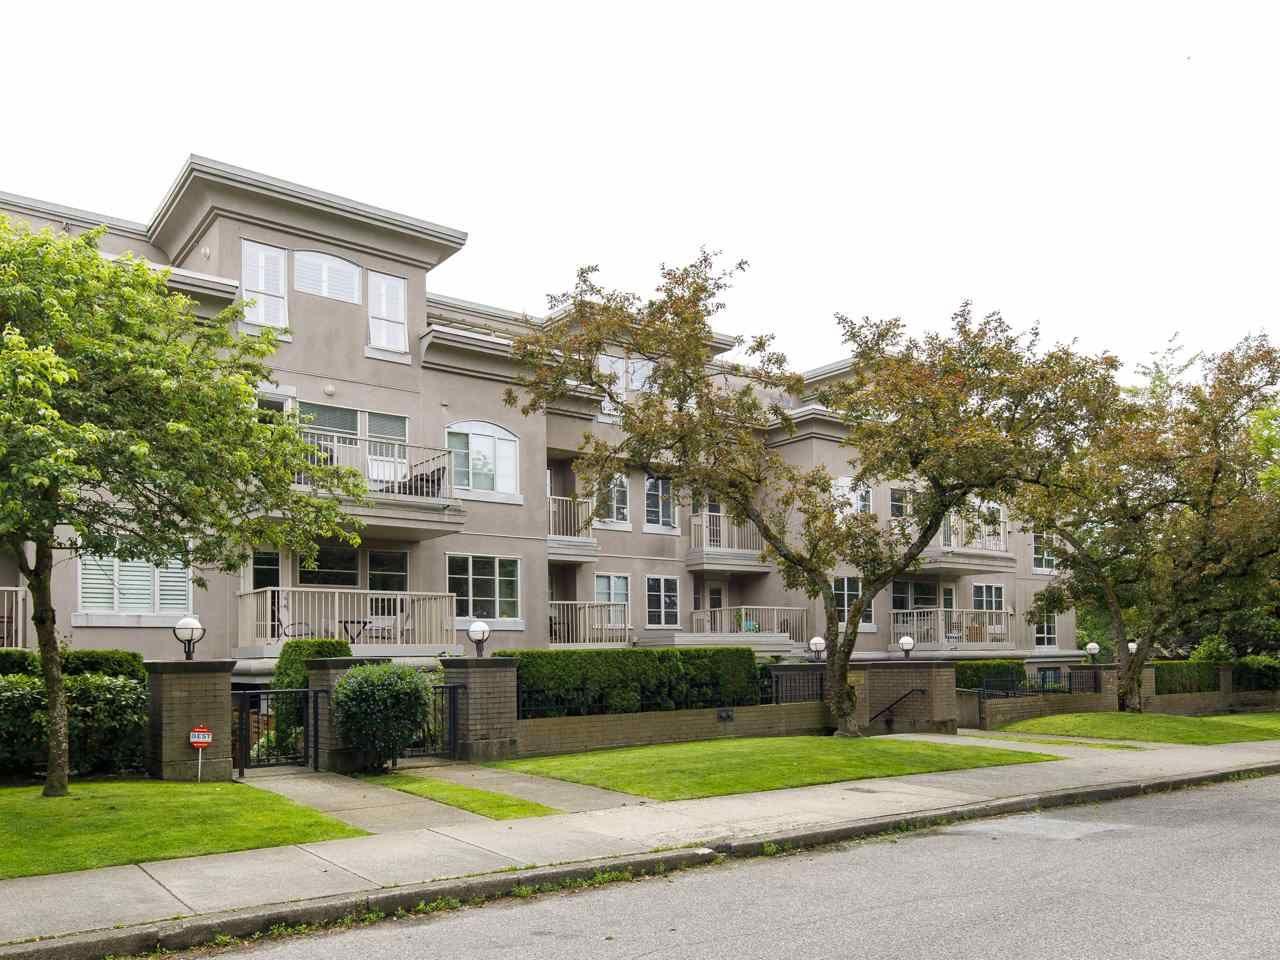 Main Photo: 204 2490 W 2 AVENUE in Vancouver: Kitsilano Condo for sale (Vancouver West)  : MLS®# R2466357